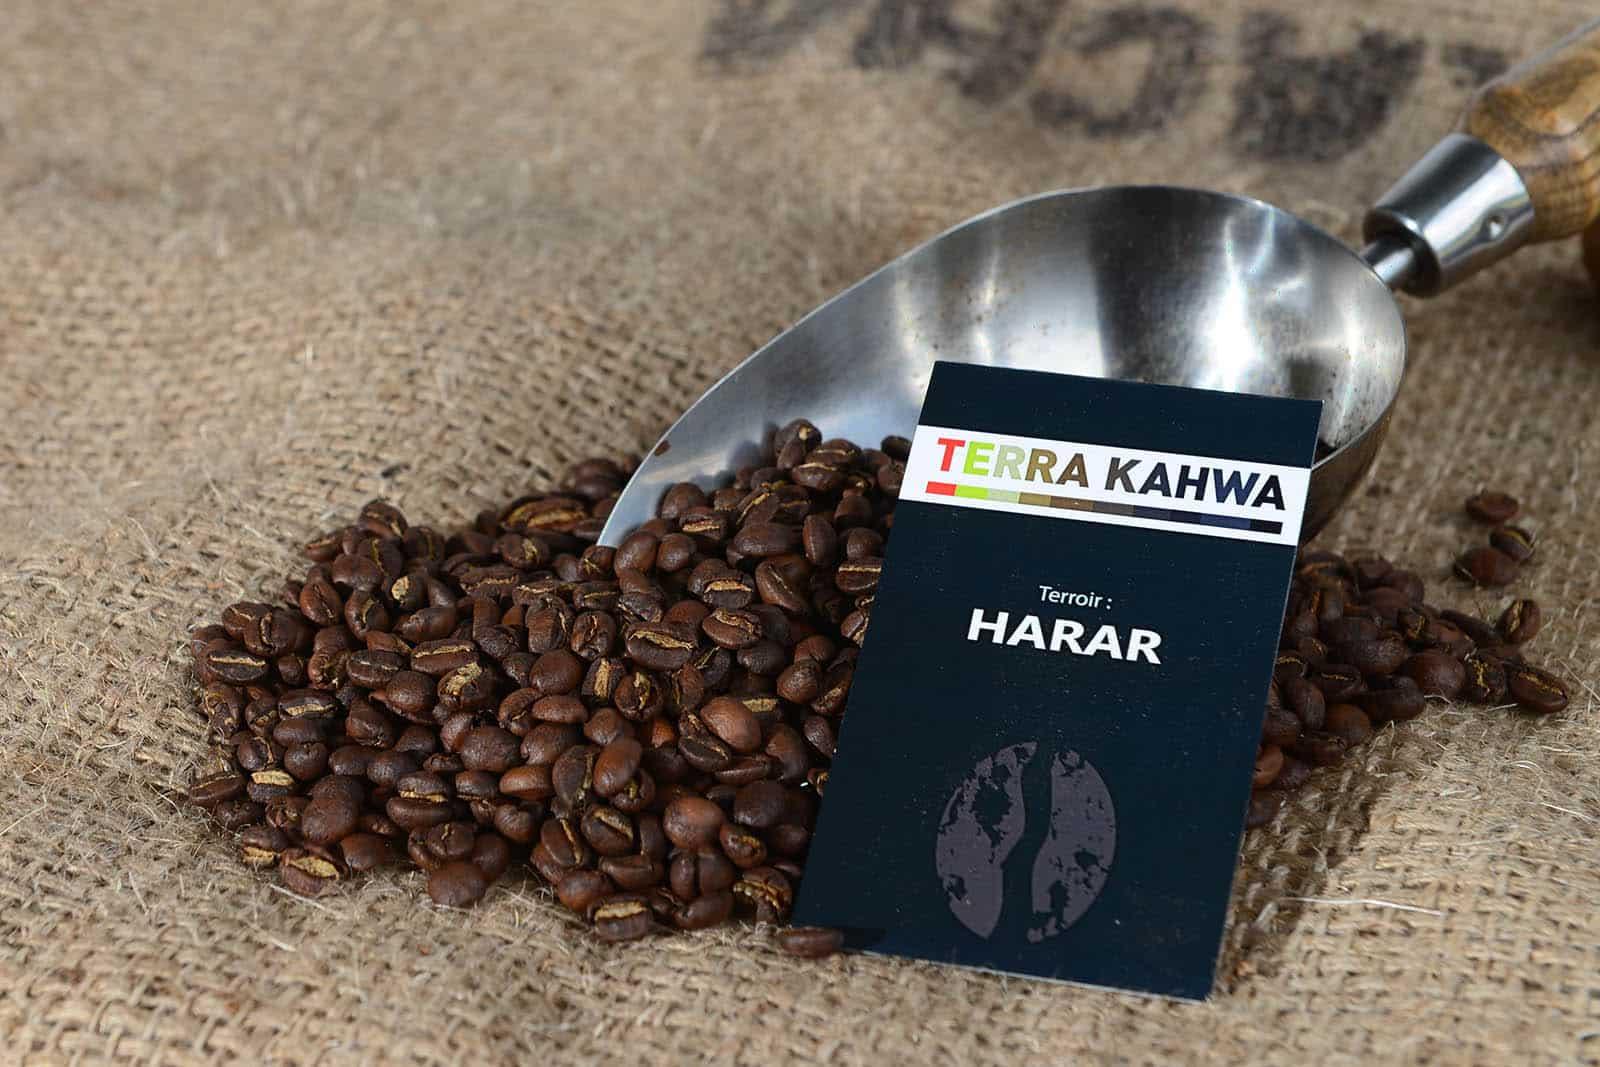 caf torr fi harar caf d ethiopie origine certifi e terra kahwa 500g terra kahwa. Black Bedroom Furniture Sets. Home Design Ideas